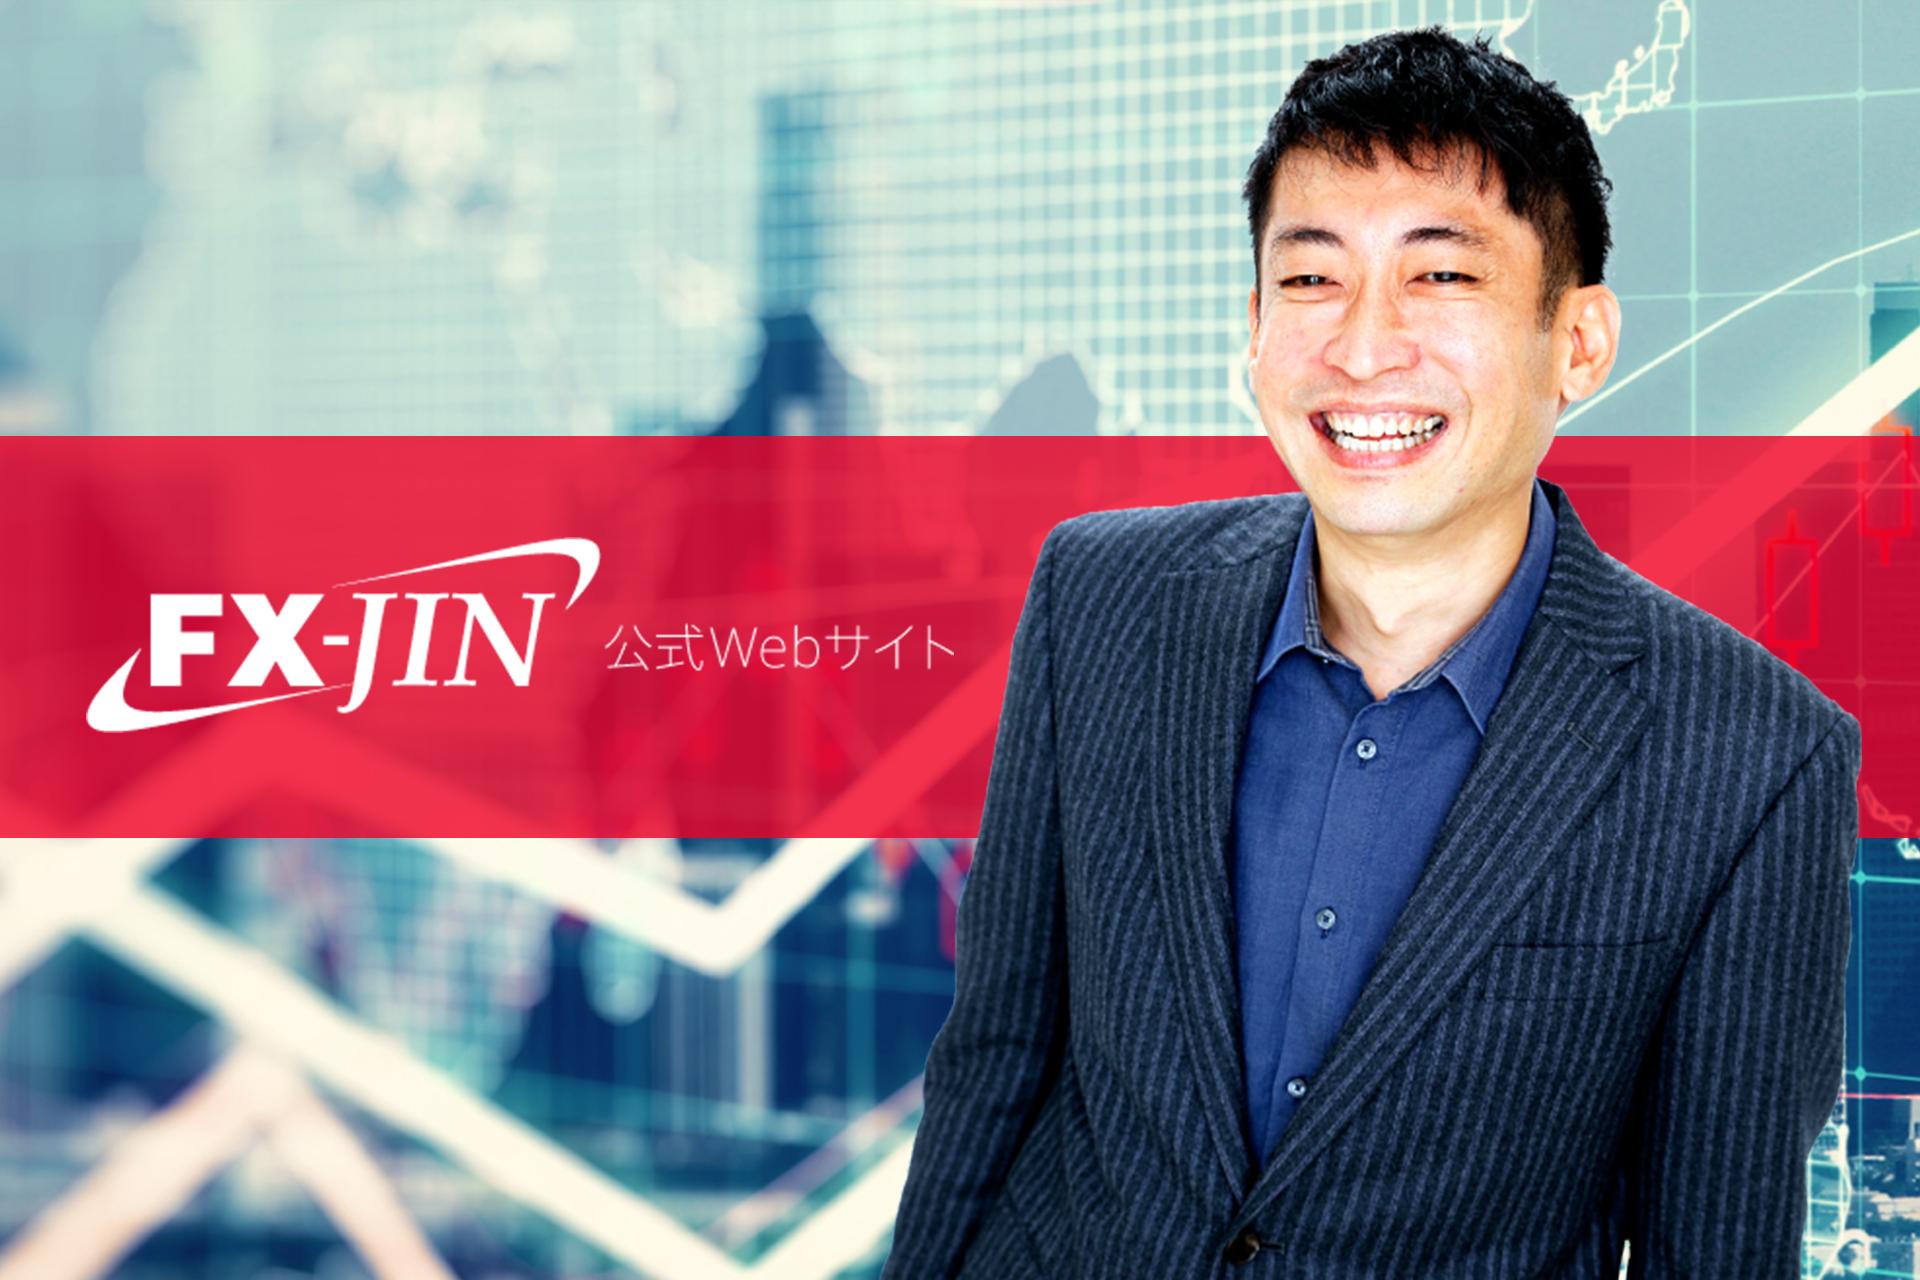 FX-Jin公式Webサイトをご紹介します